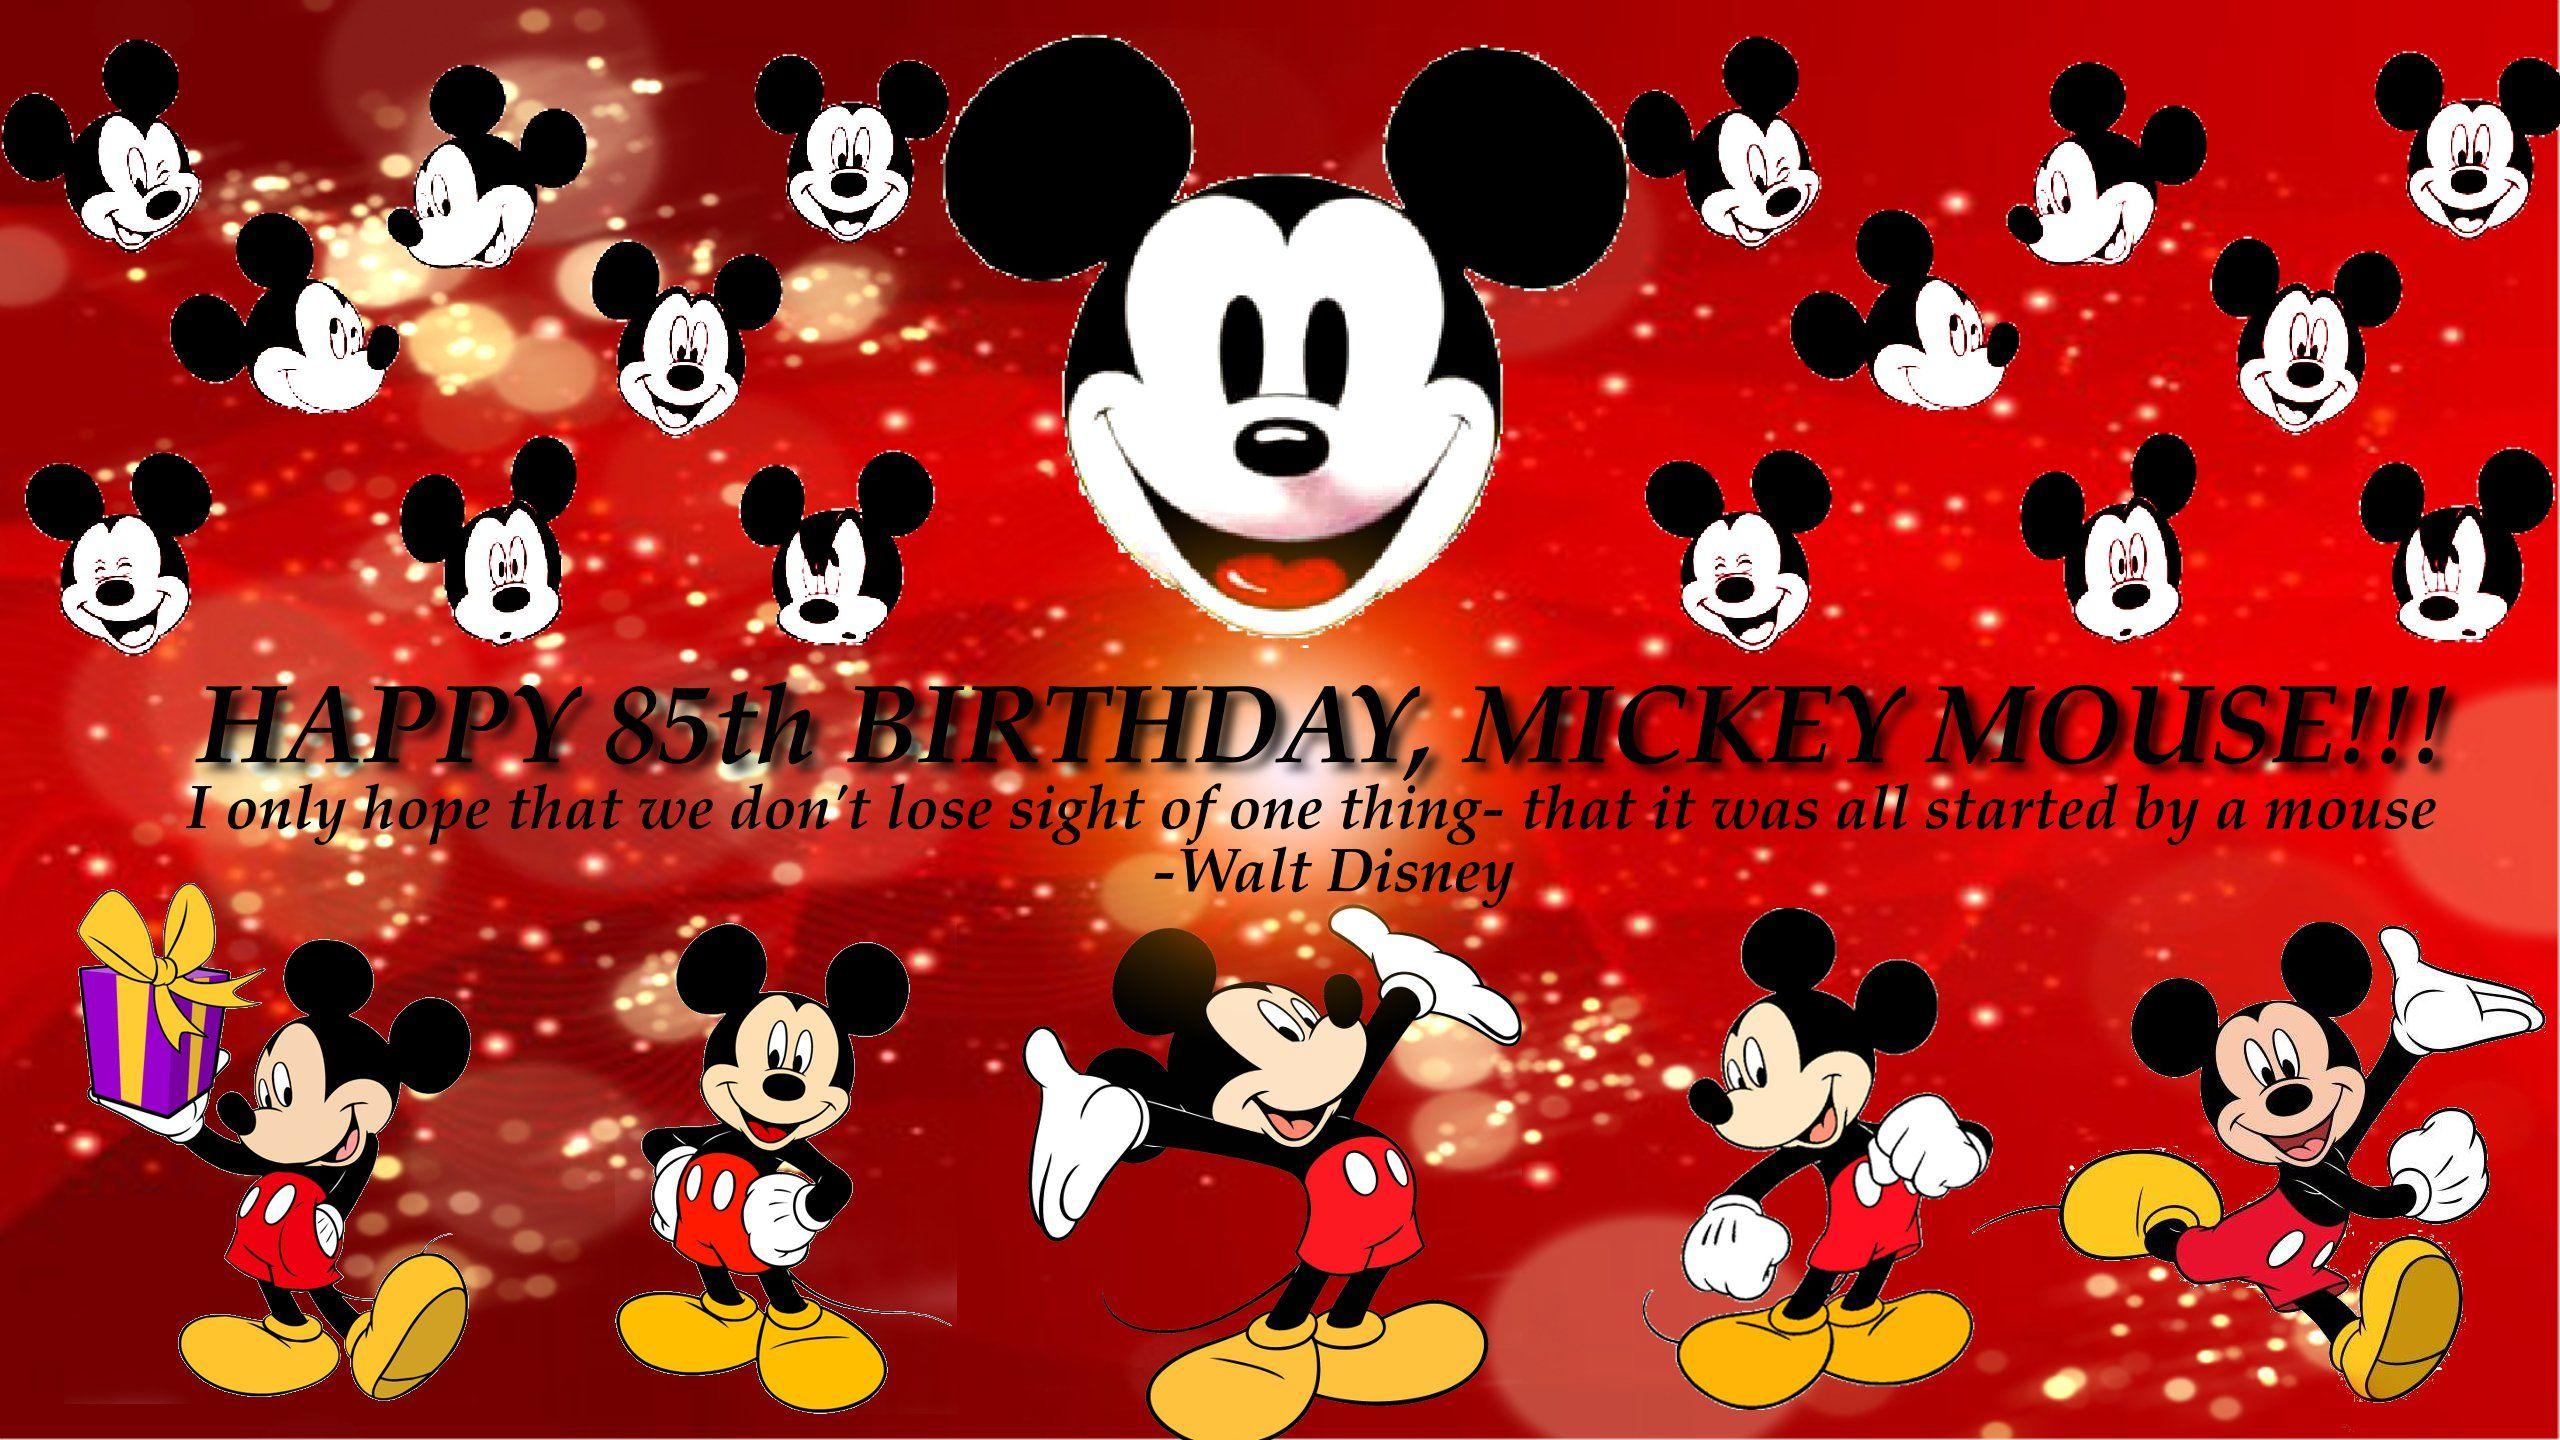 Tink Happy Birthday Disney Images